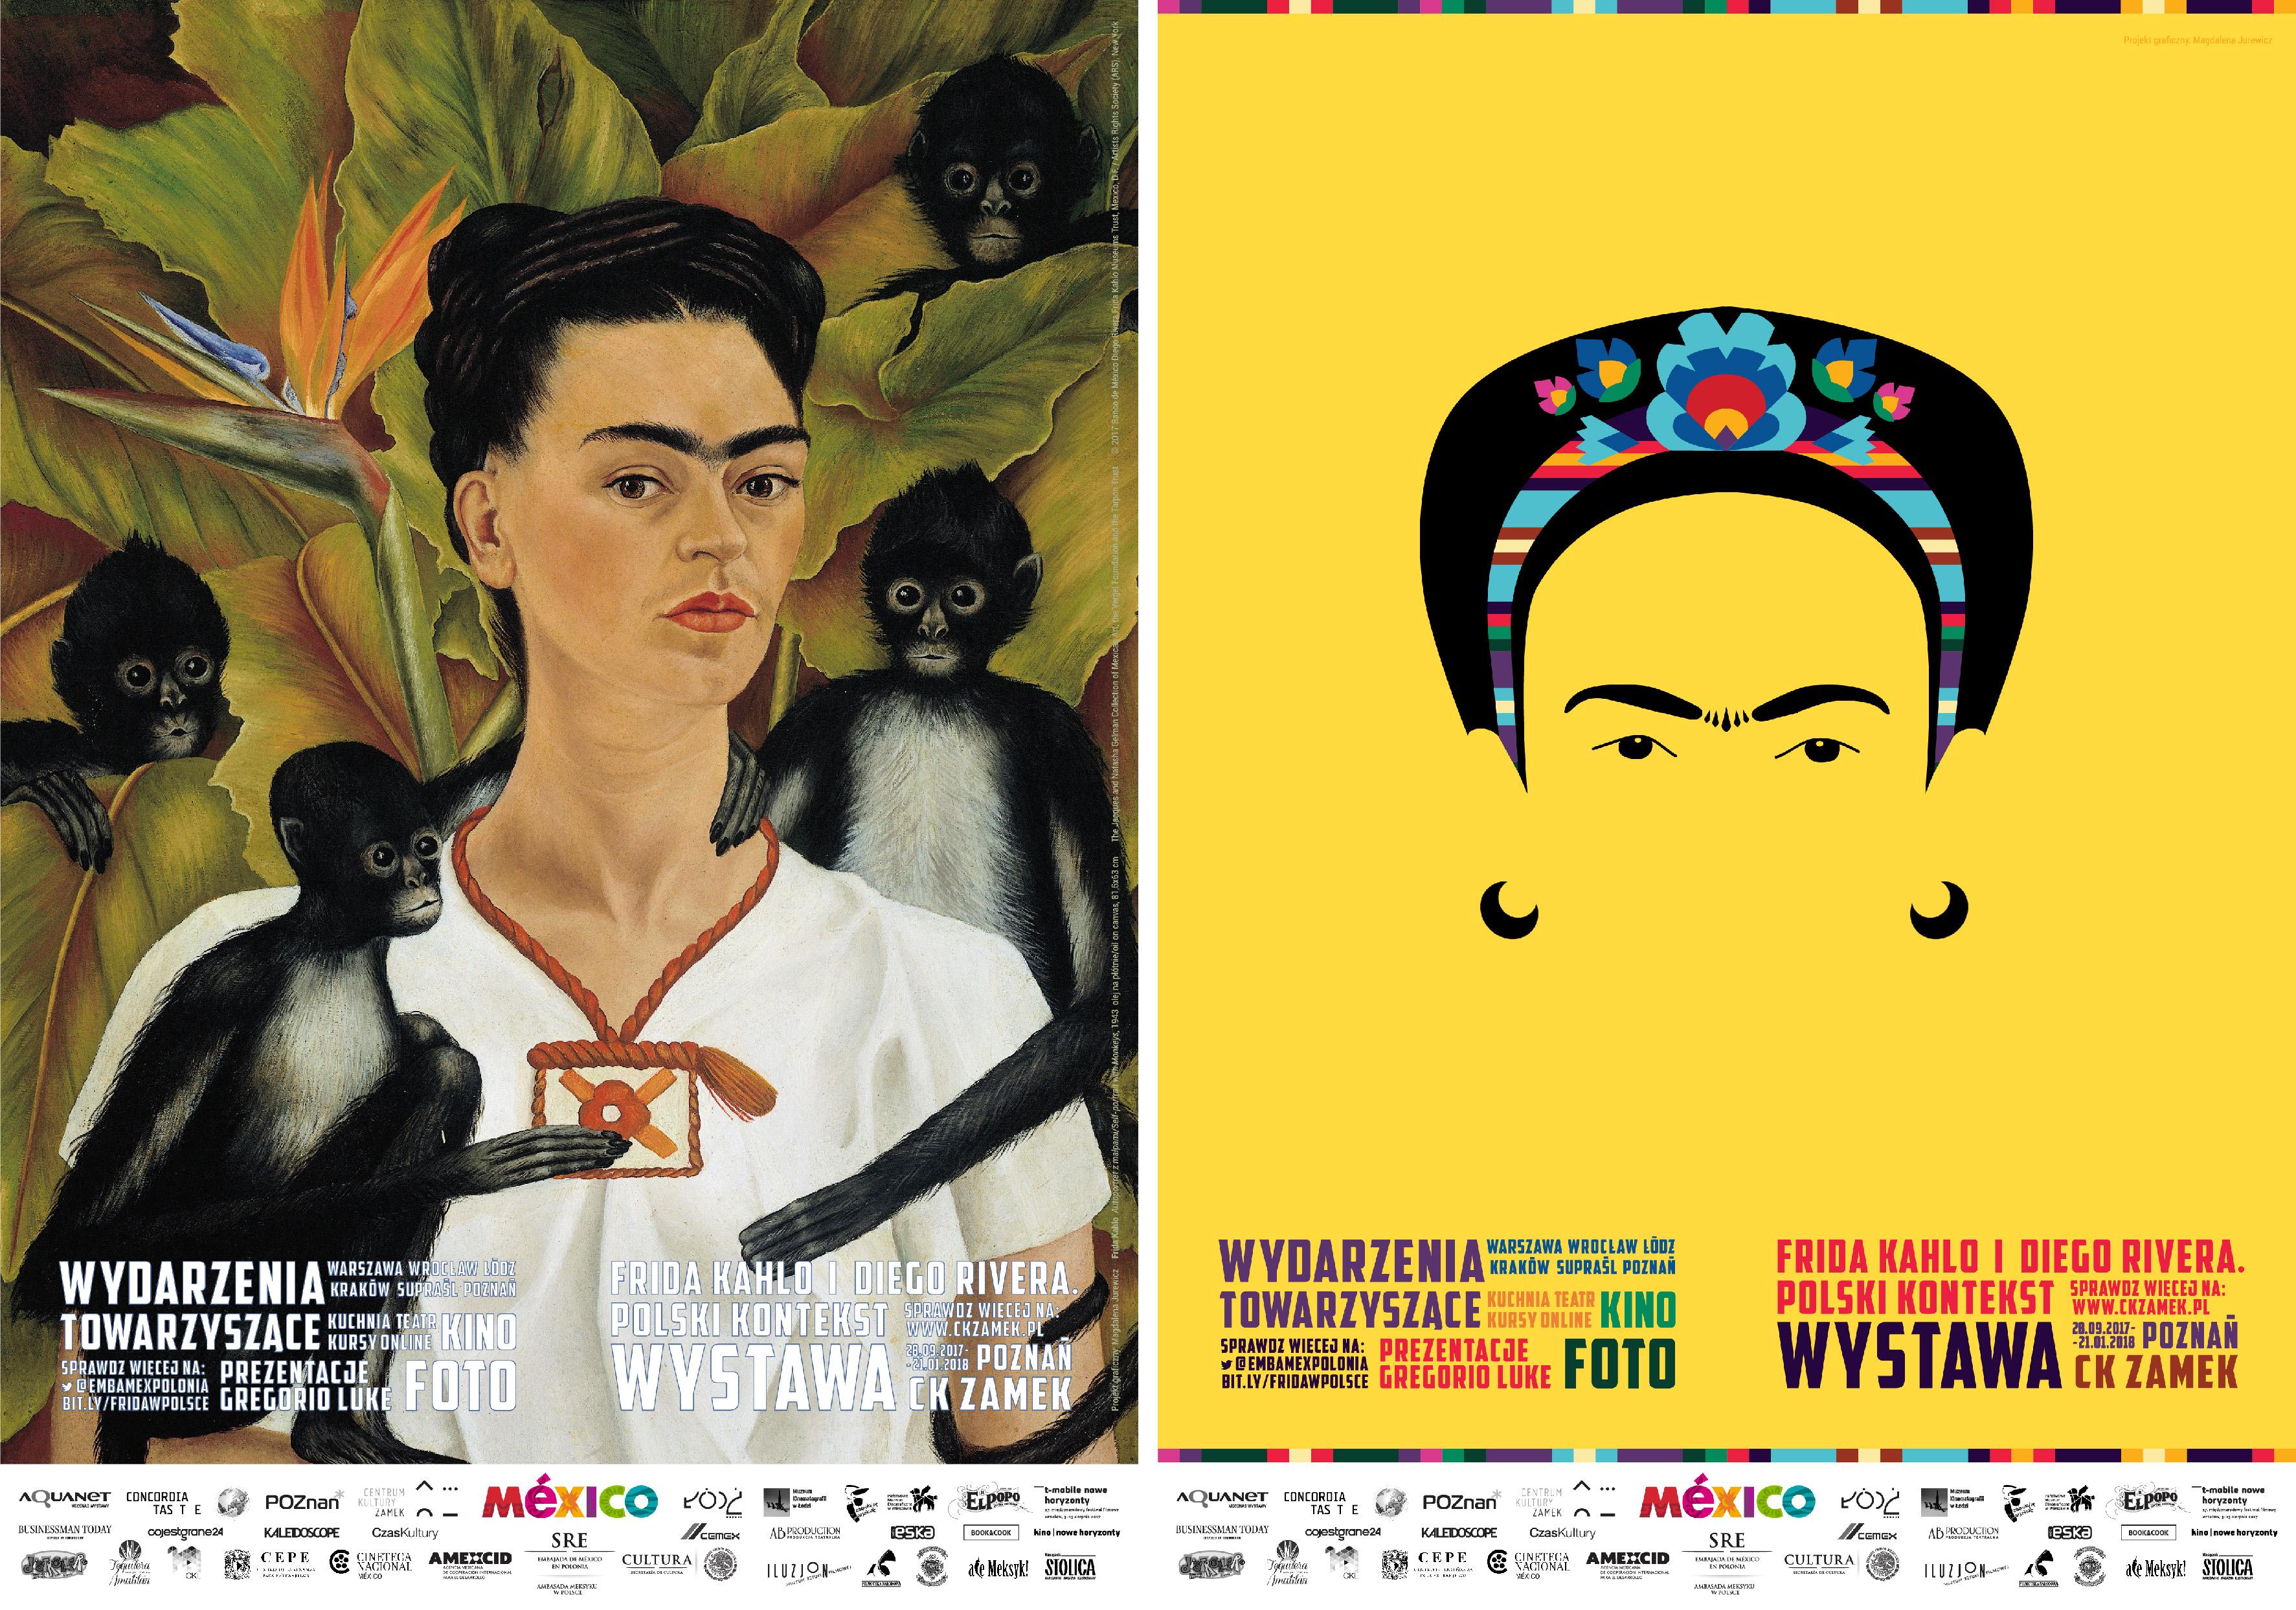 Los Carteles Promocionales Sobre Frida Kahlo En Polonia En